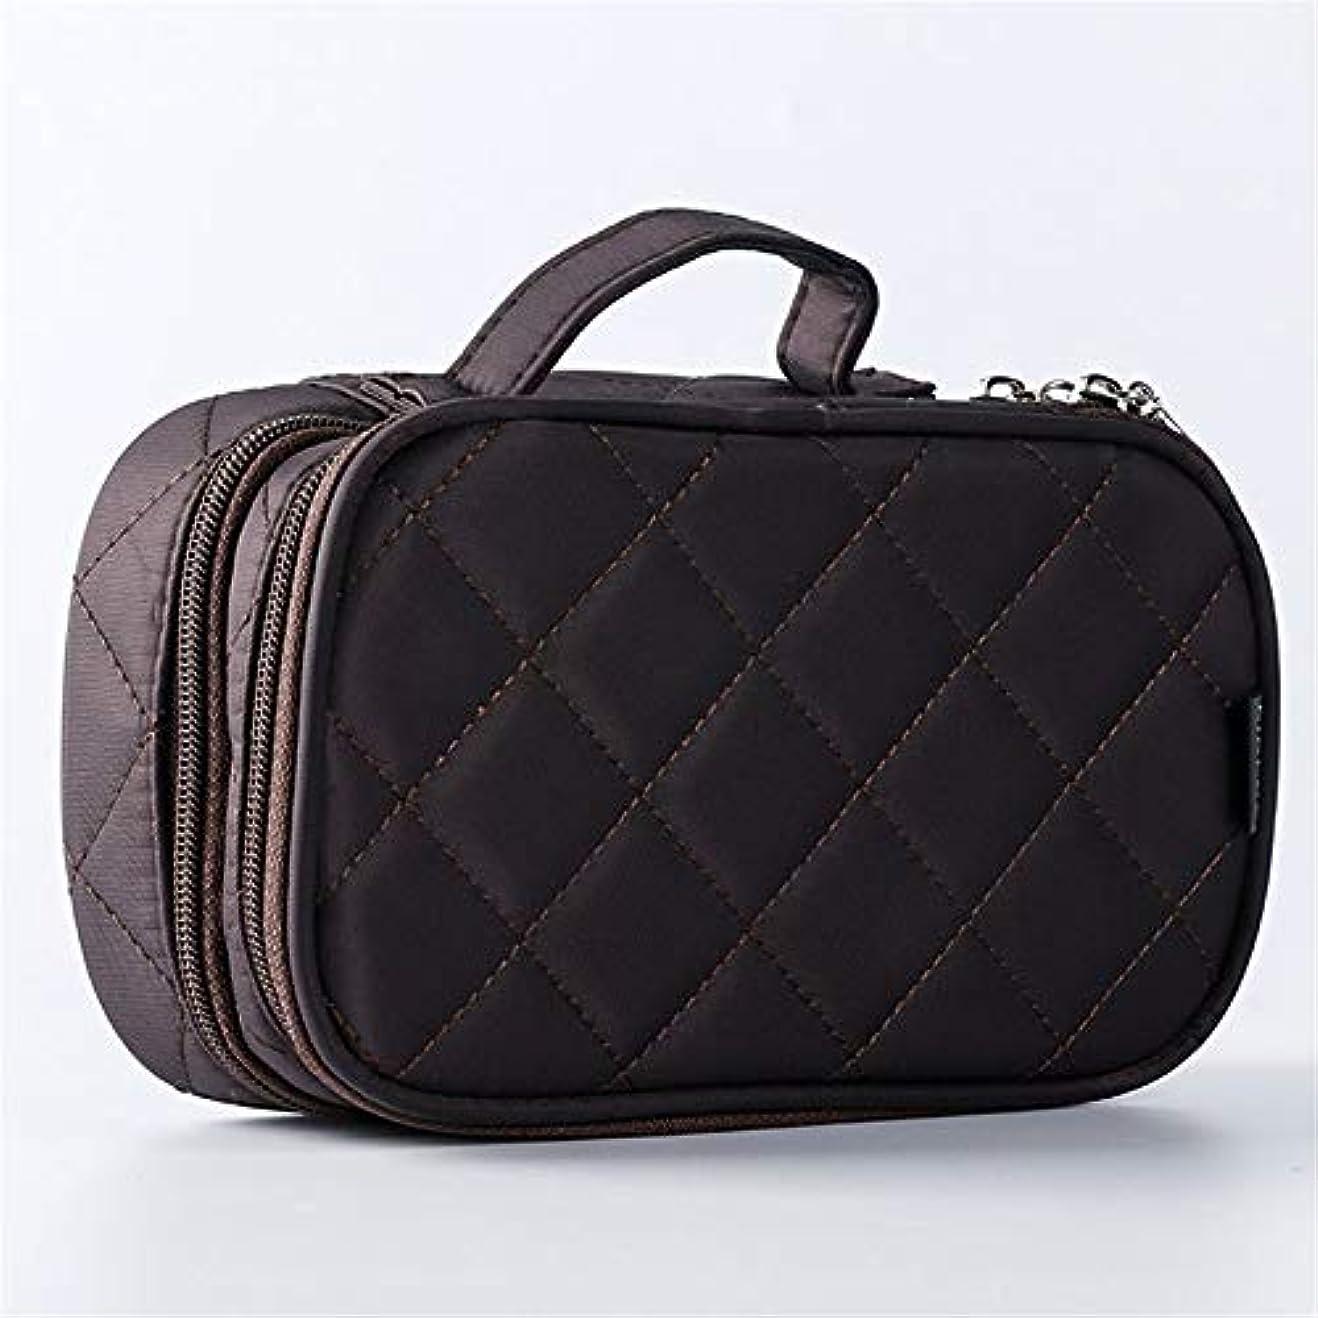 瞳たくさん弁護士特大スペース収納ビューティーボックス 旅行化粧品の箱、化粧品の箱およびコンパートメントが付いている専門の化粧品の化粧品袋の収納箱、透明で透明な網。 化粧品化粧台 (色 : 褐色)